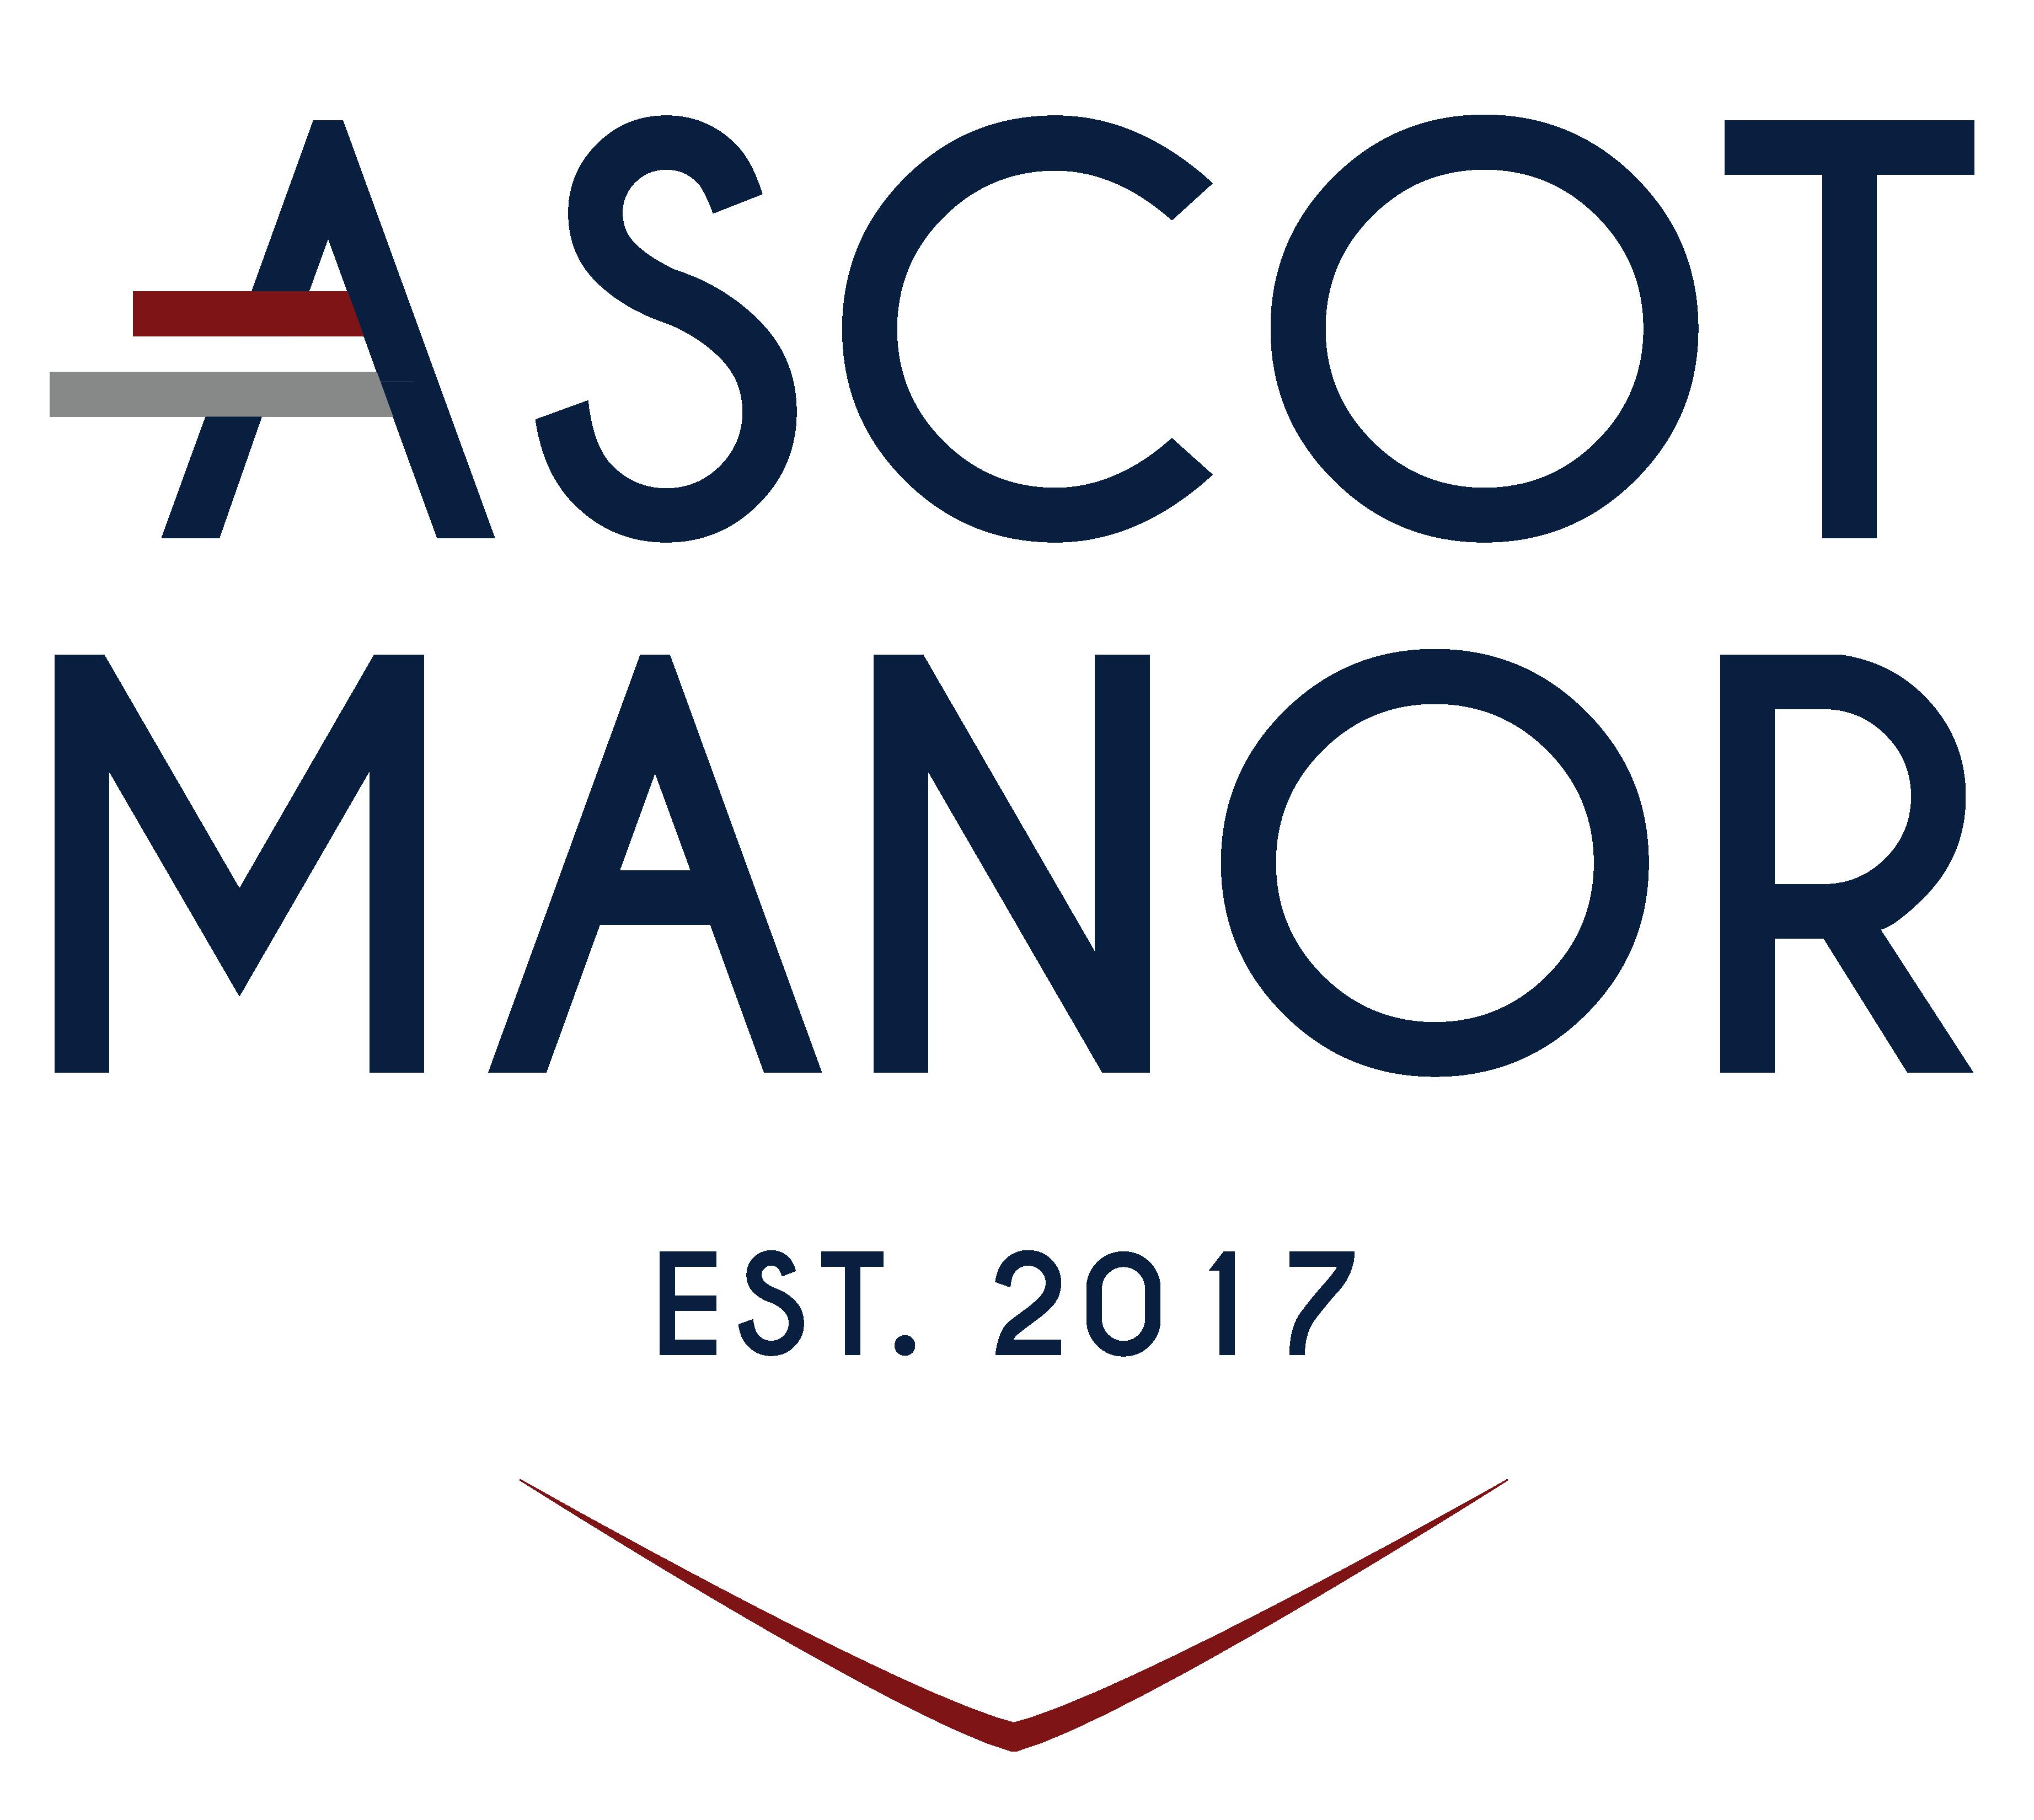 ascot manor